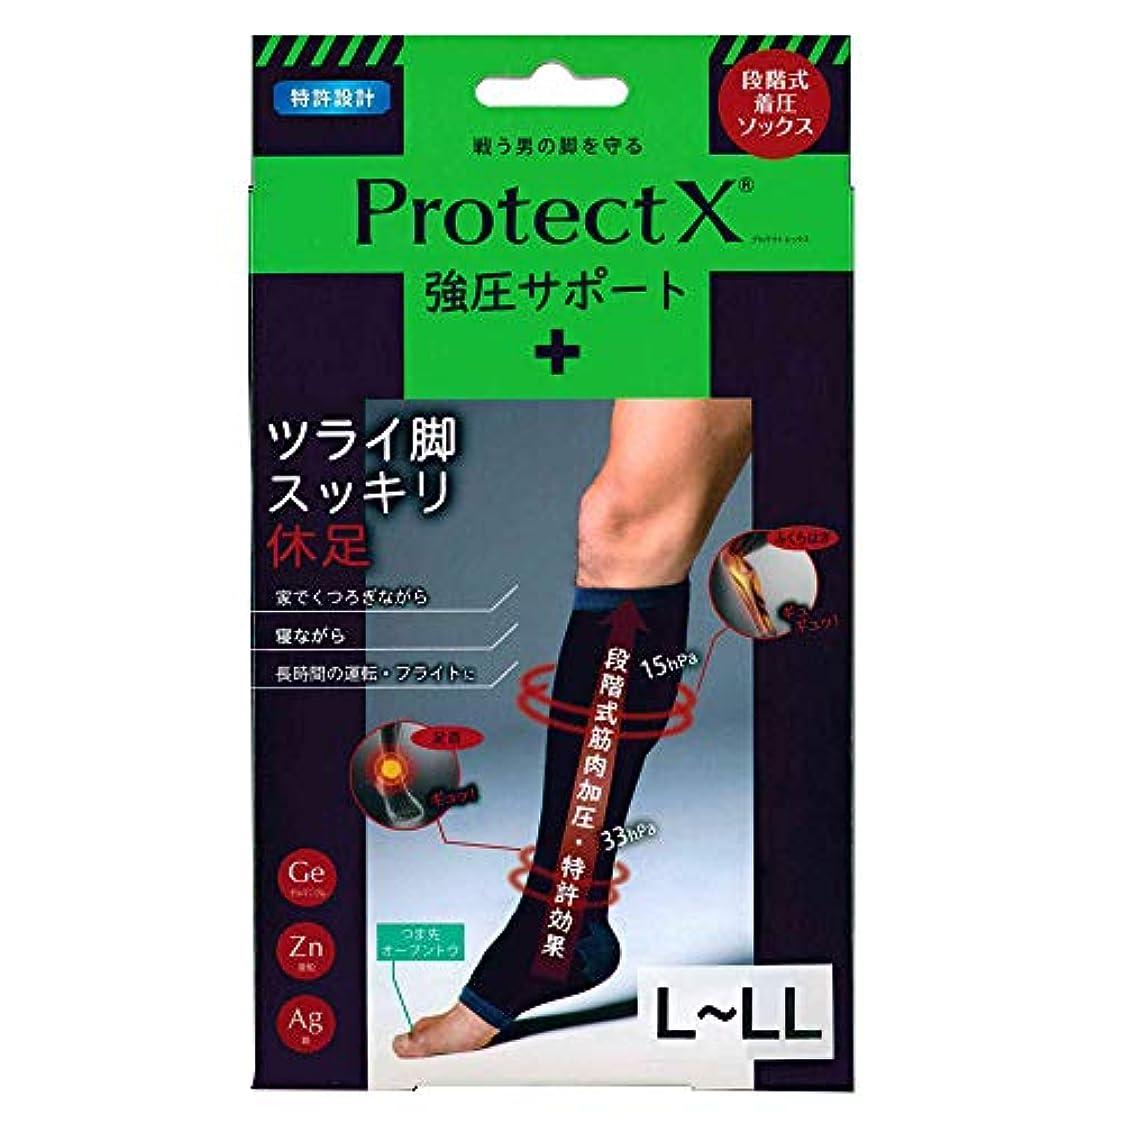 弾丸高度きちんとしたProtect X(プロテクトエックス) 強圧サポート オープントゥ着圧ソックス 膝下 (膝下L~LL)